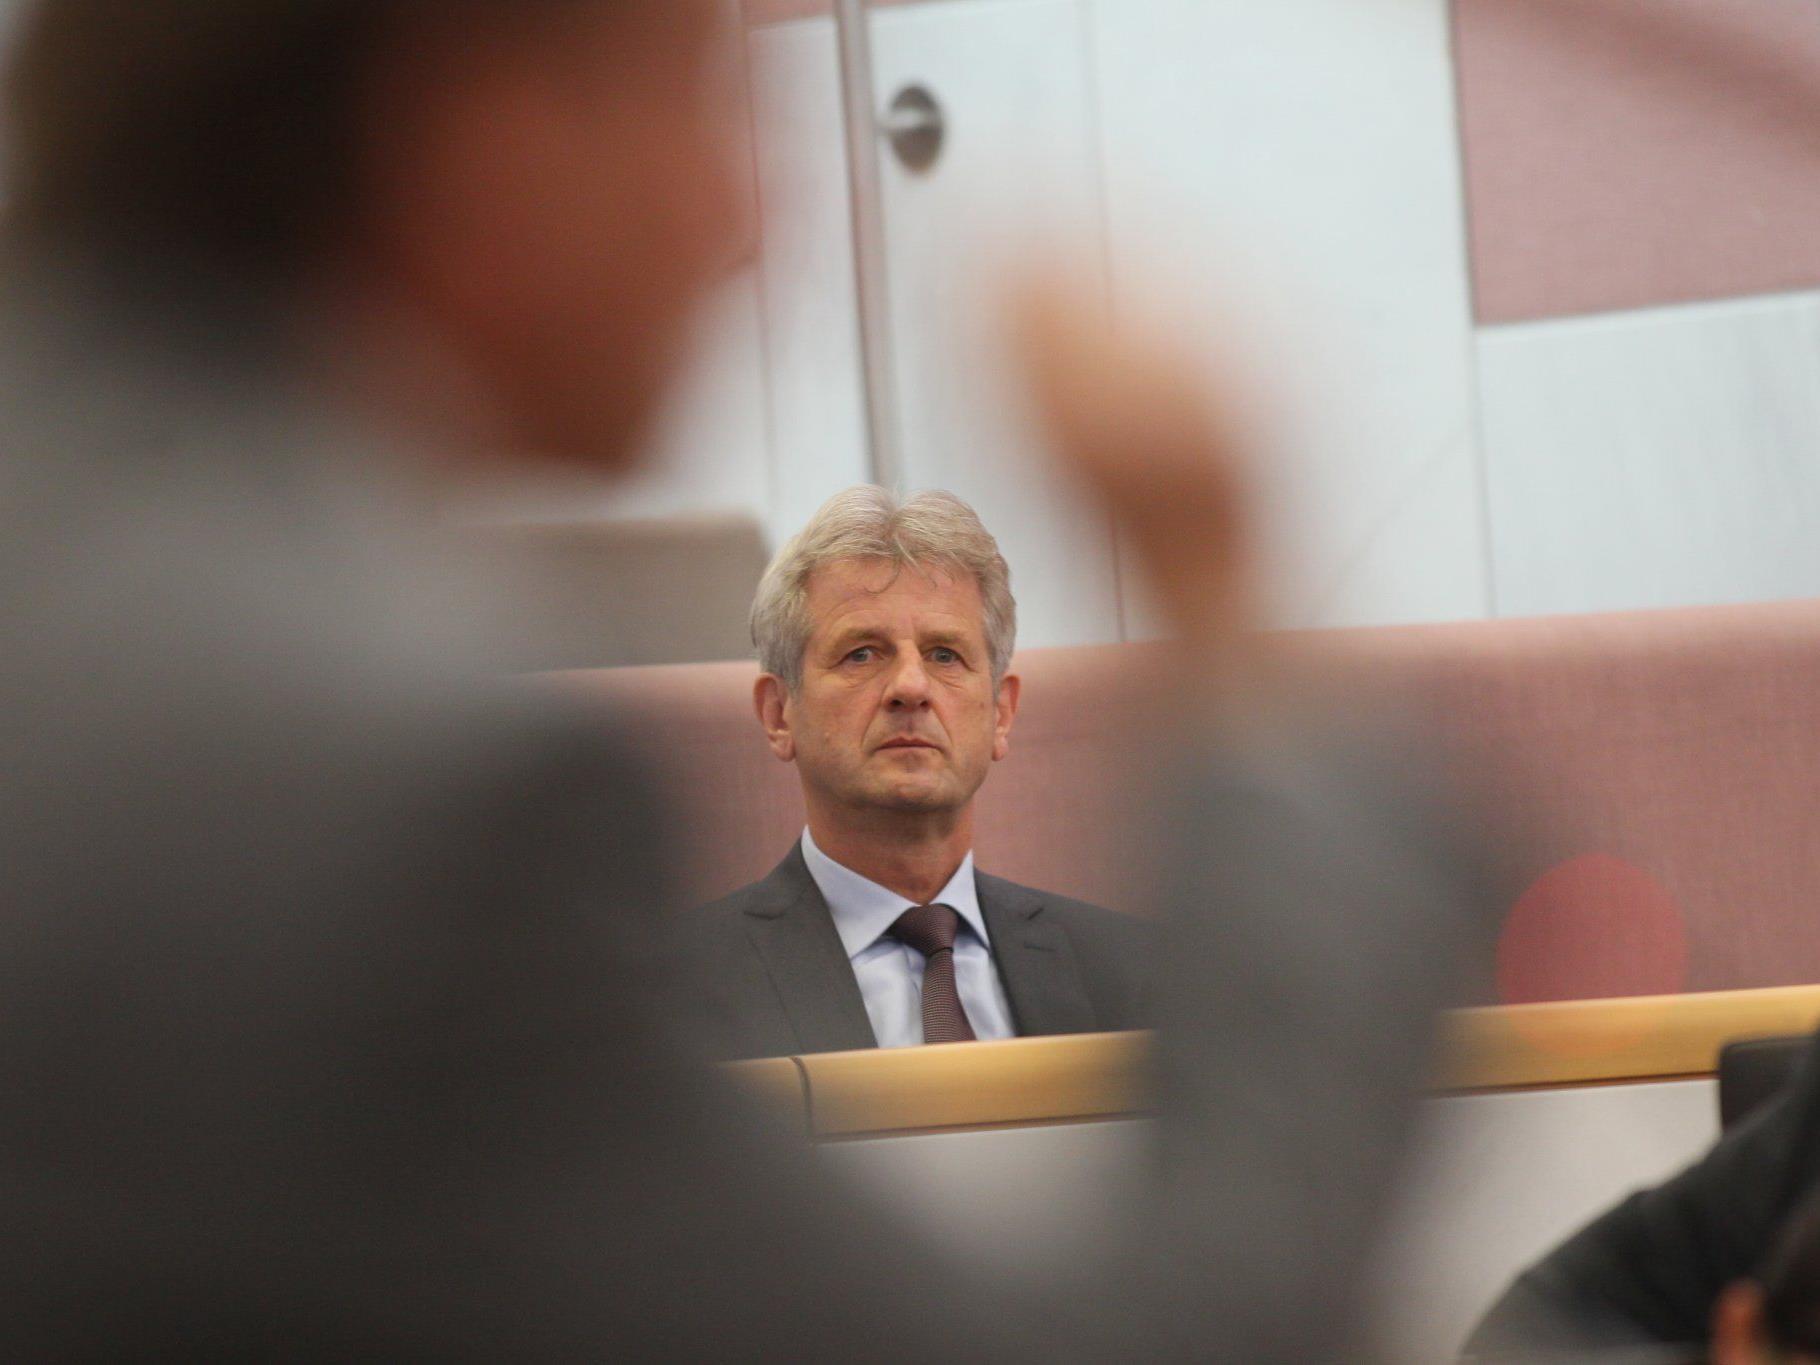 Welche Kompetenzen bekommt der Landesrechnungshof? Direktor Schmalhardt muss abwarten.